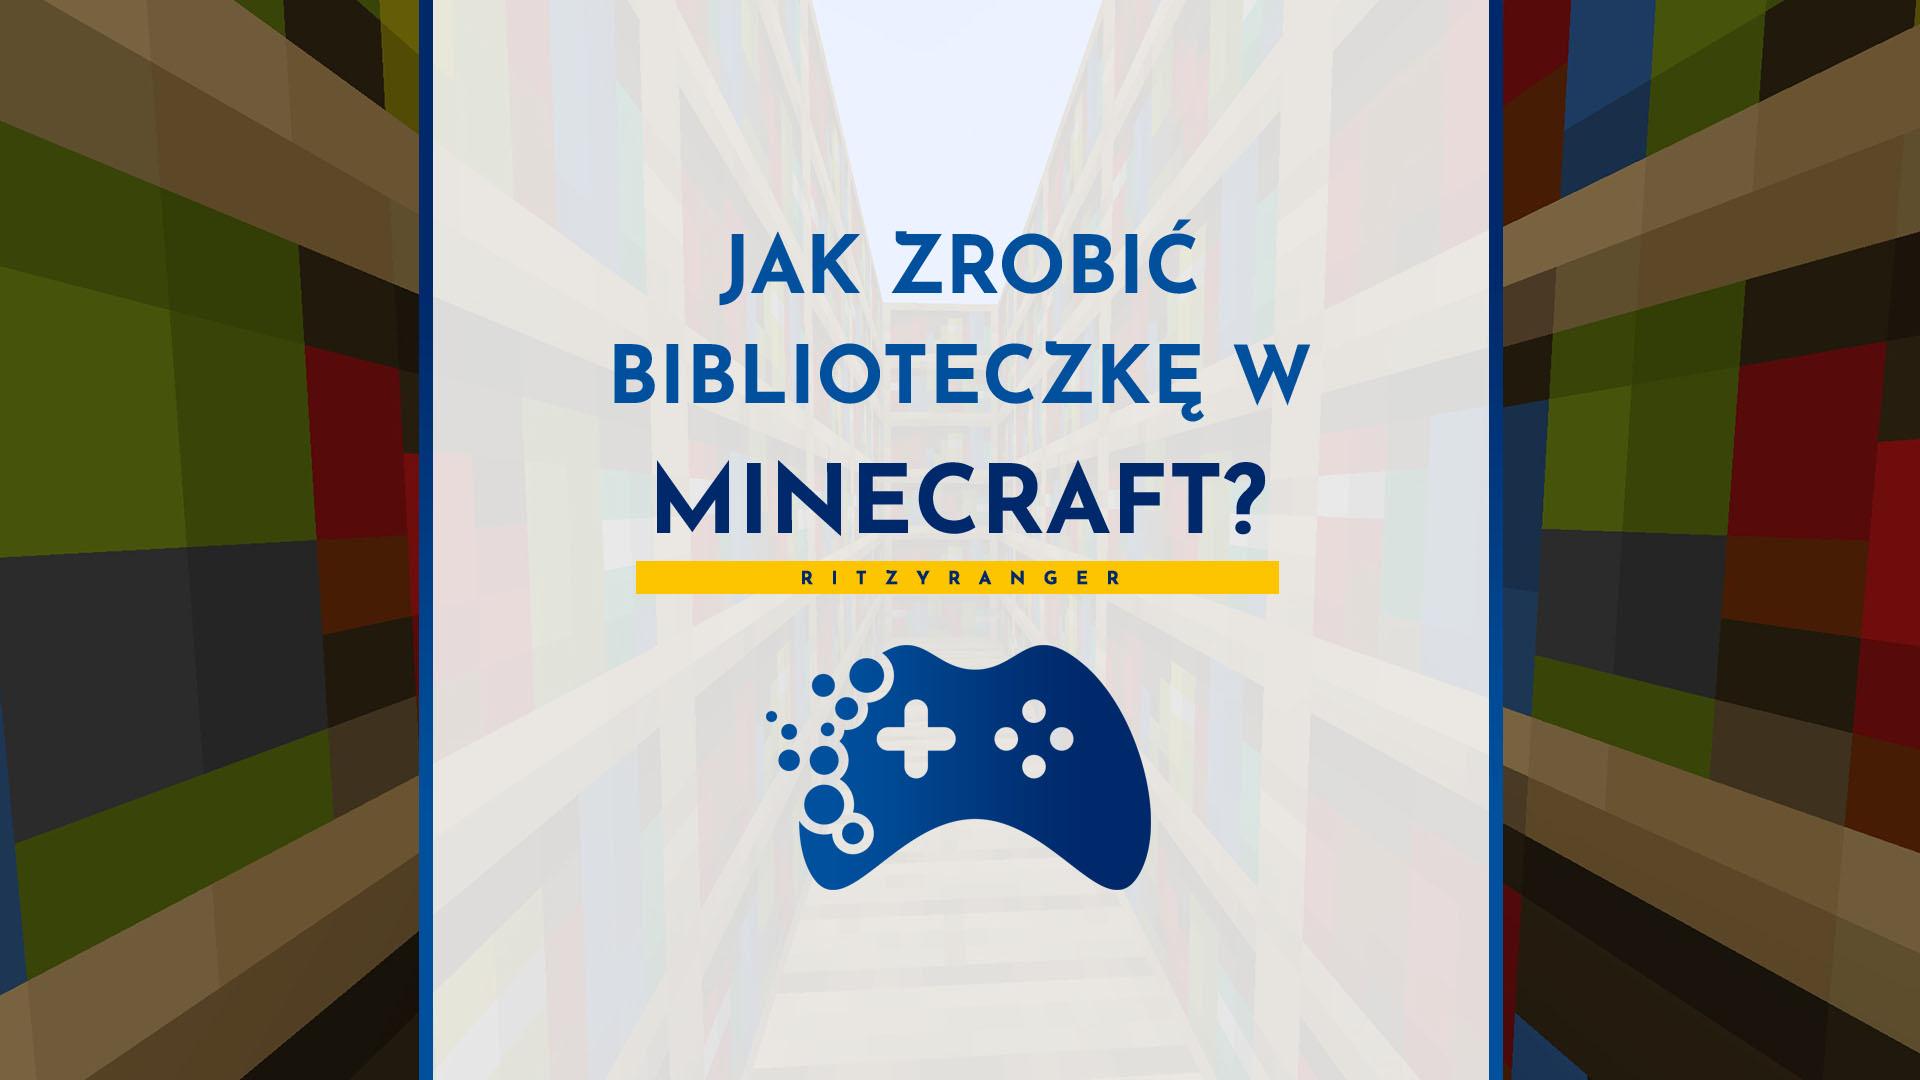 Jak zrobić biblioteczkę w Minecraft?